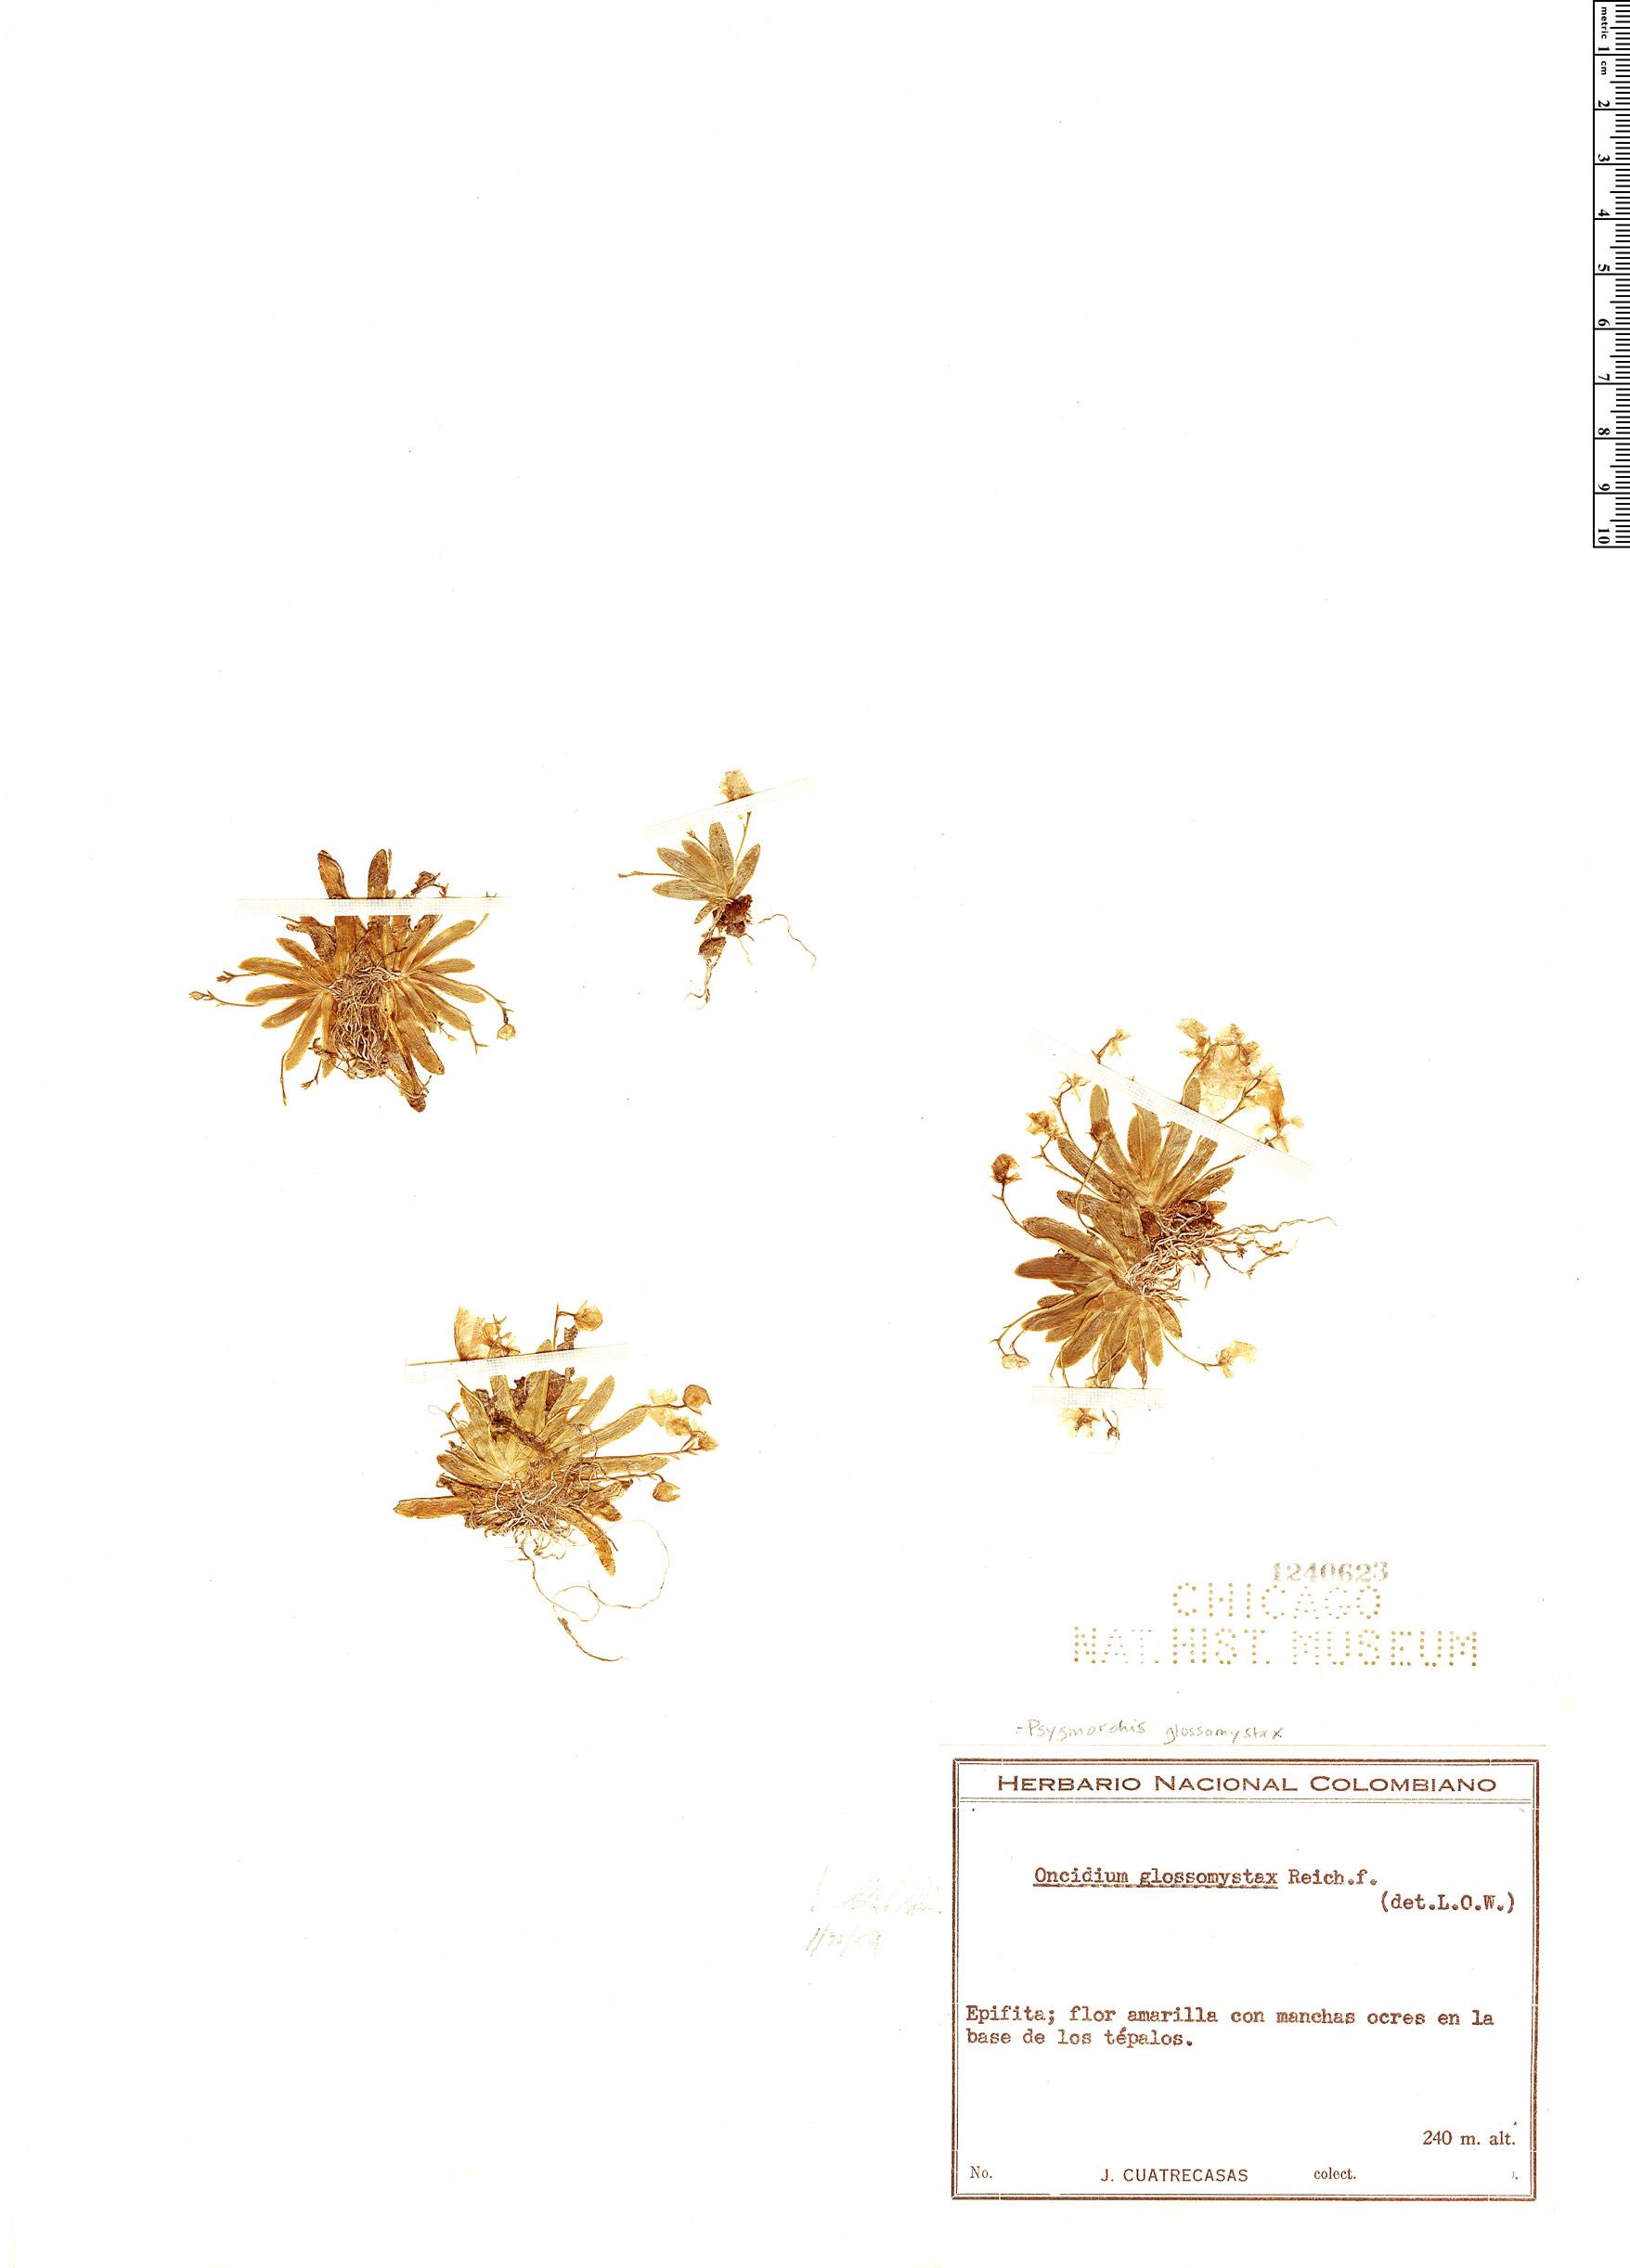 Specimen: Erycina glossomystax